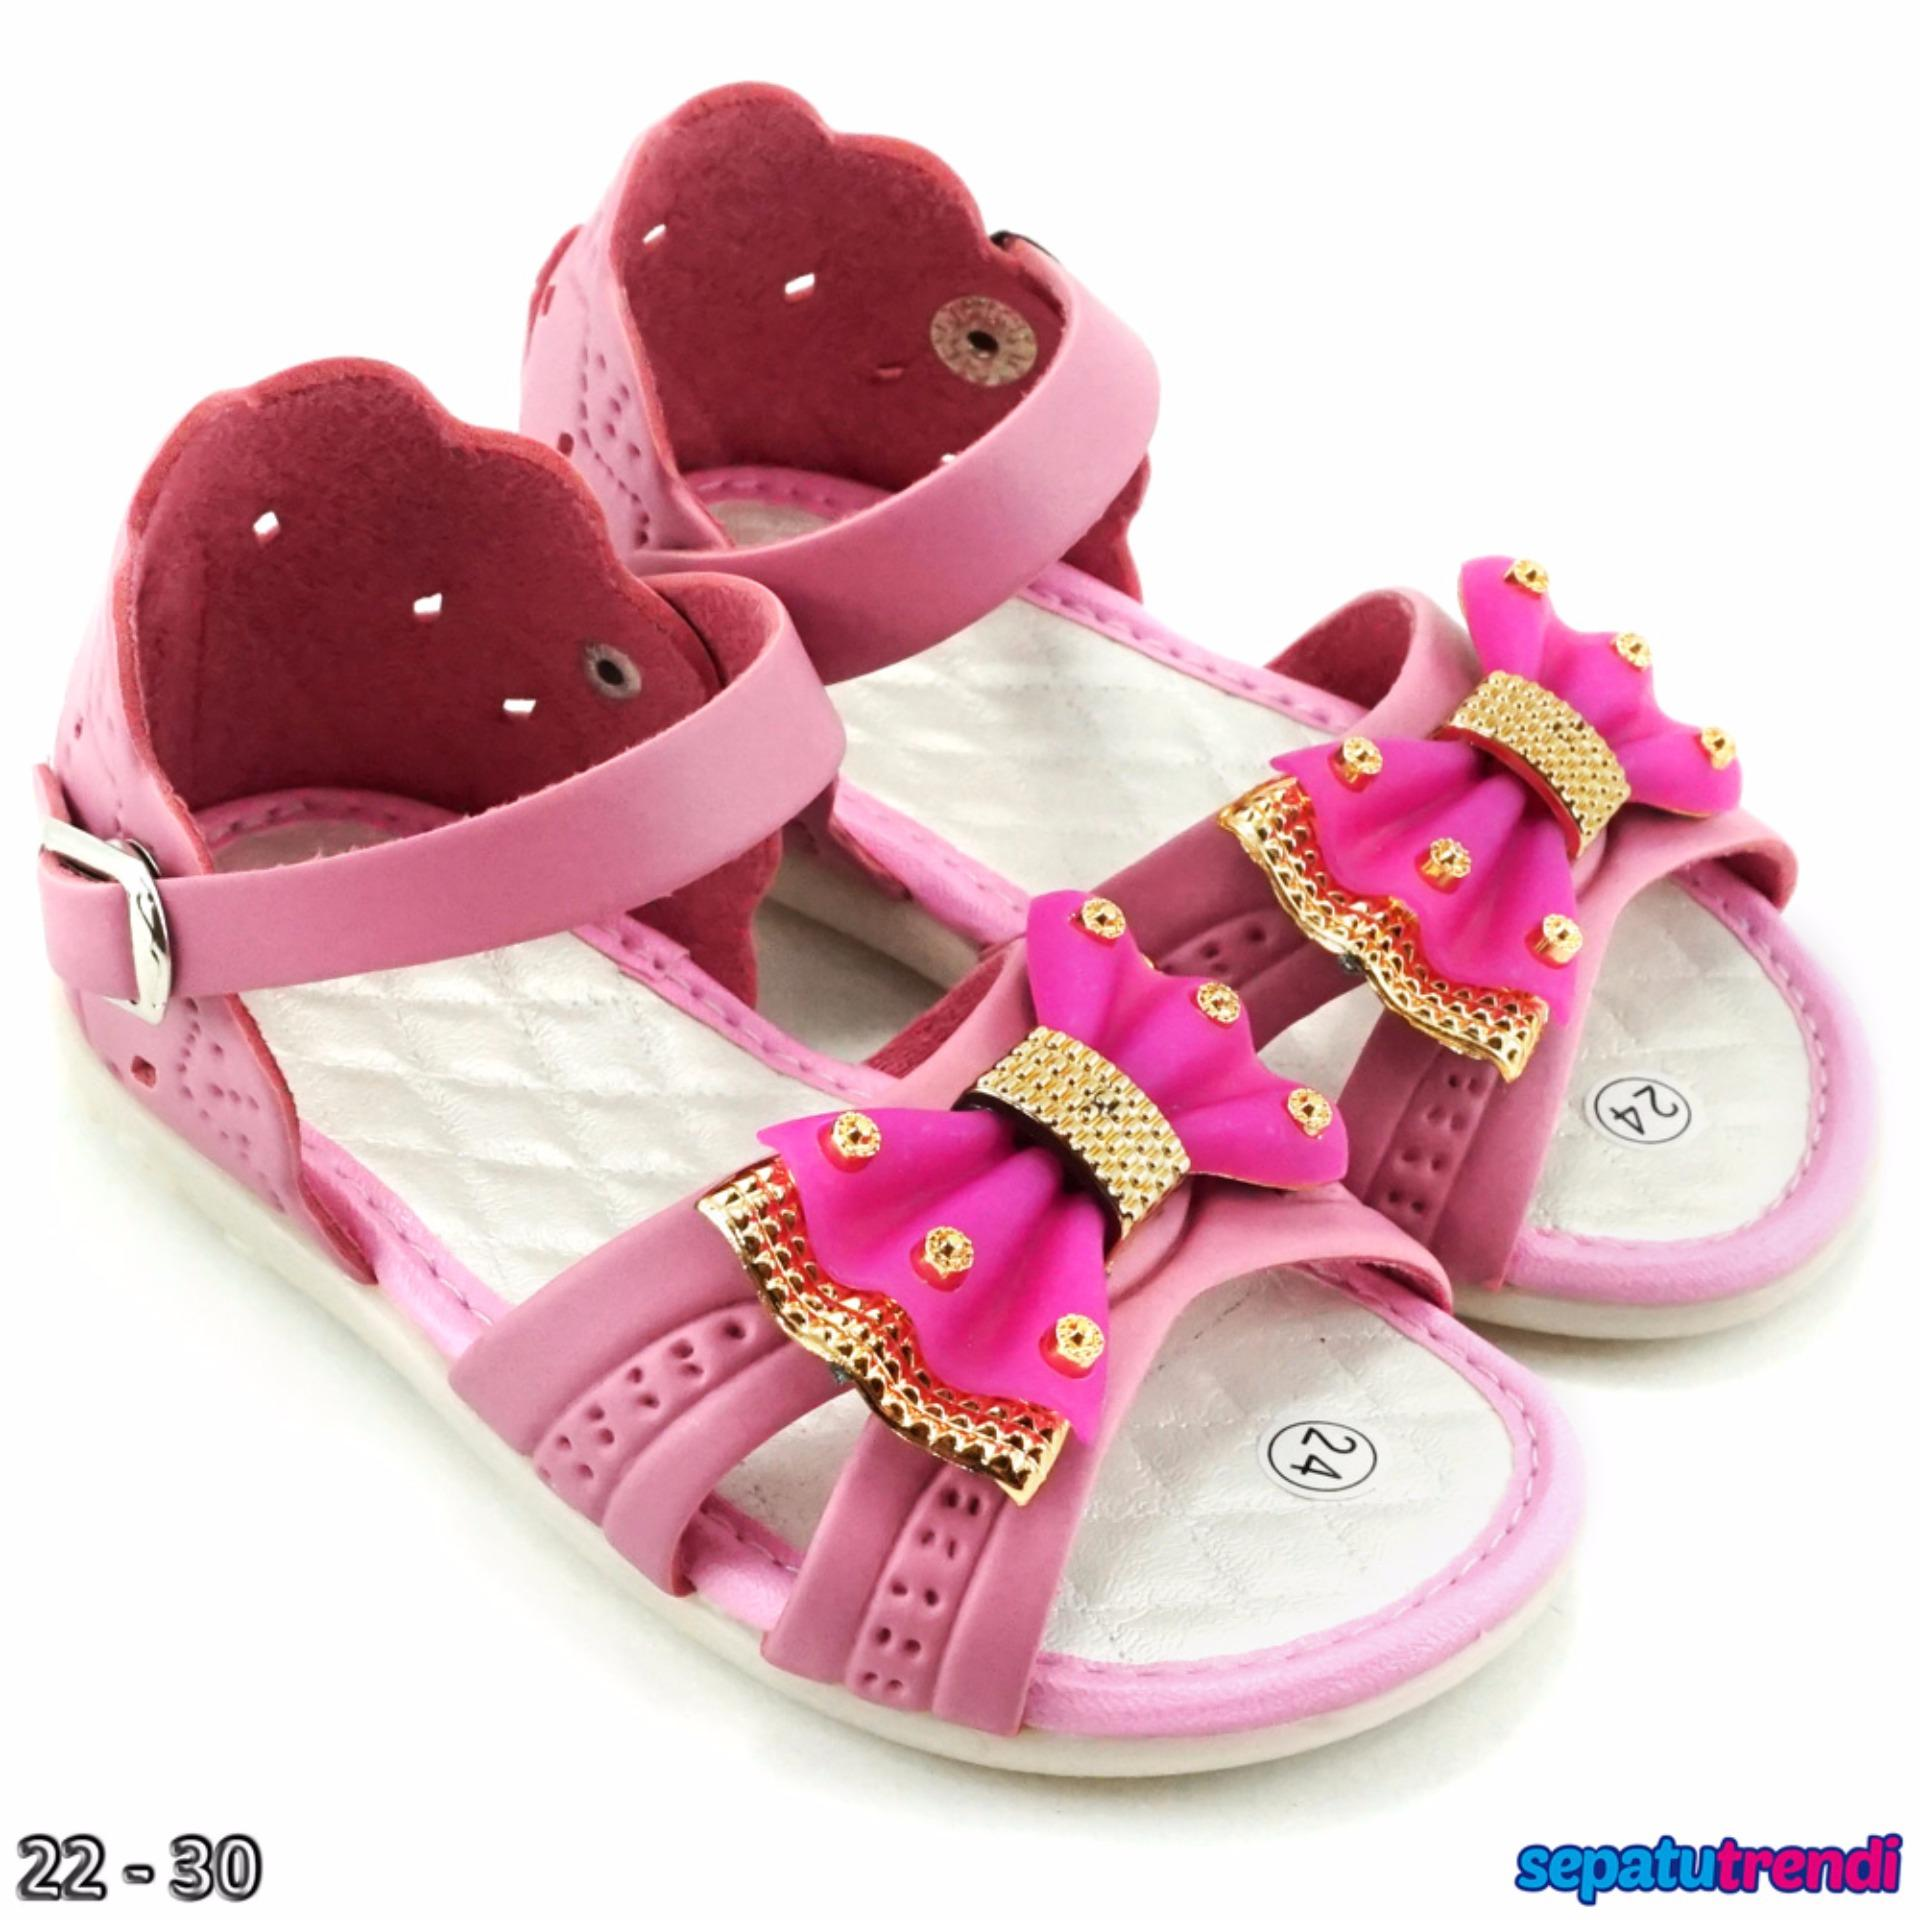 Harga Trendishoes Sandal Anak Perempuan Variasi Pita Kx06 Pink Online